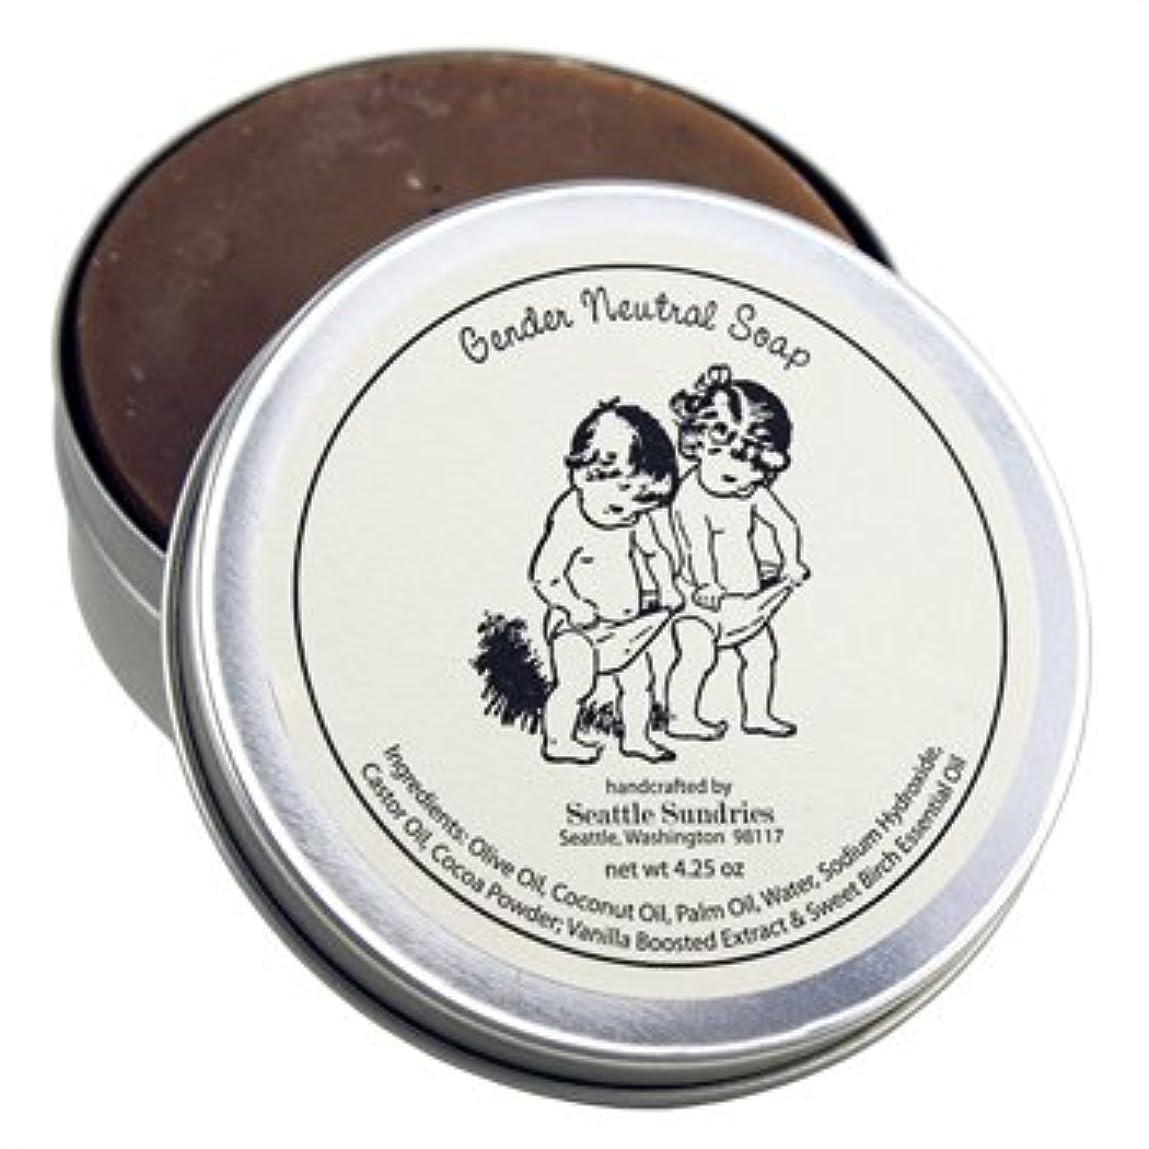 のみ翻訳者毛皮シアトル石鹸 Gender Neutral / 石鹸を愛する全ての人へ Seattle Sundries社製